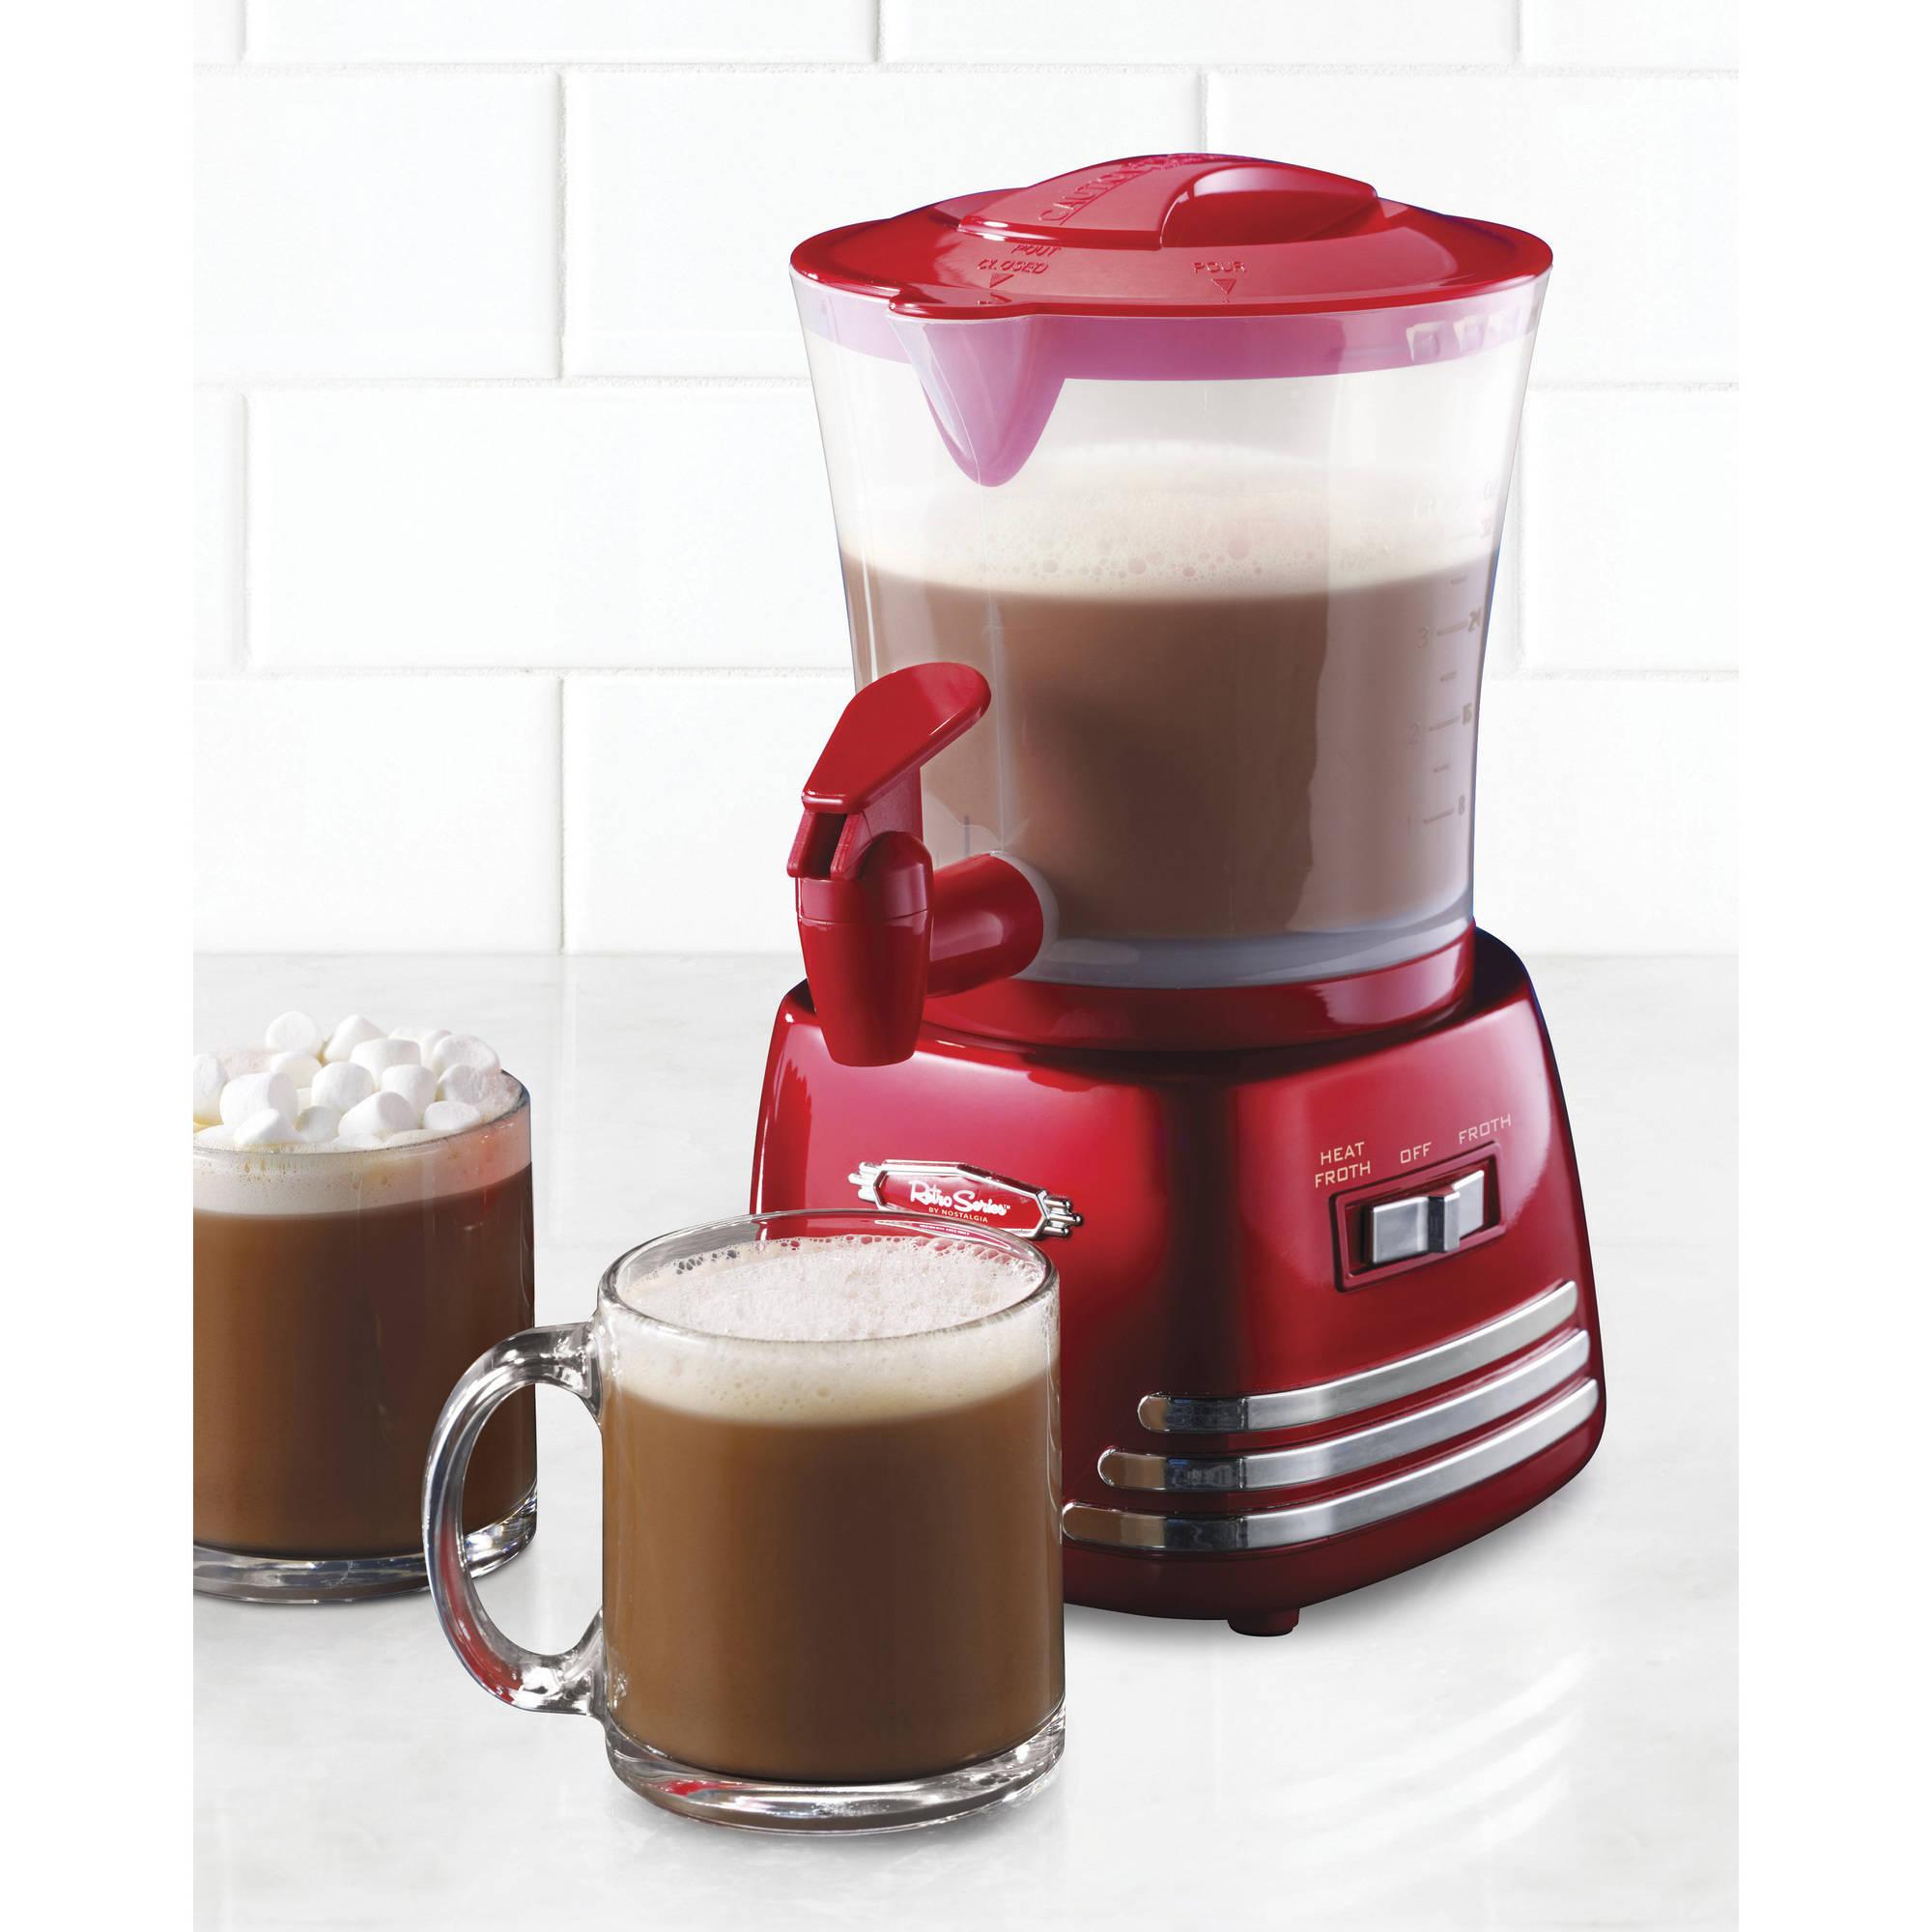 Nostalgia HCM700RETRORED Retro Series 32 oz Hot Chocolate Maker with Easy Pour Spigot